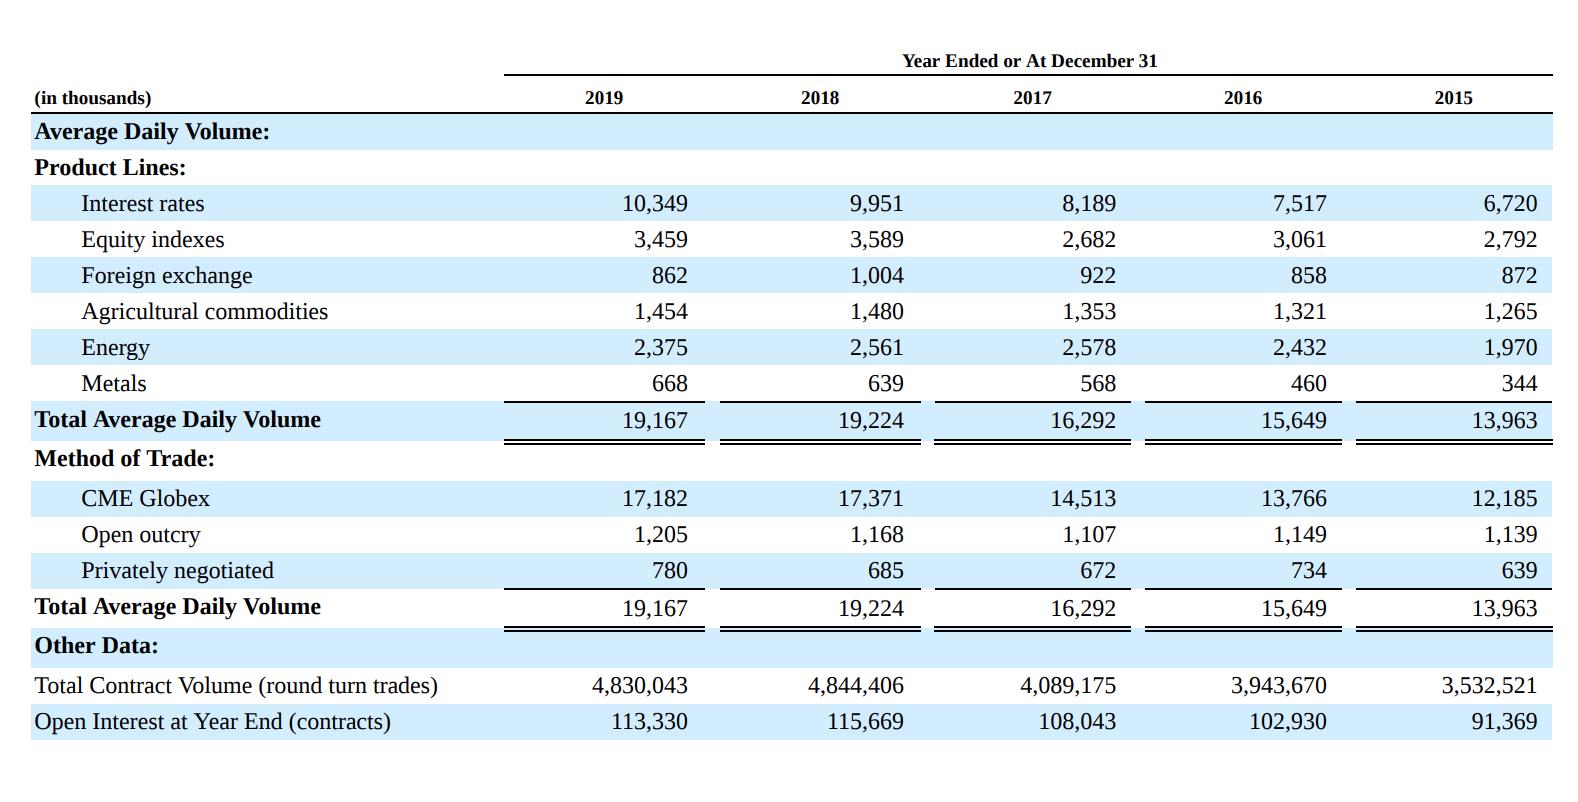 Количество транзакций на площадках CME. Средний дневной объем торгуемых фьючерсов по видам в тысячах штук: банковские ставки, биржевые индексы, иностранные валюты, сельскохозяйственные товары, энергетика, металлы. Средний дневной объем контрактов. Метод торговли: электронная площадка CME Globex, живая торговля на бирже (open outcry), частные непубличные сделки между участниками. Средний дневной объем контрактов. Общее количество контрактов. Источник: годовой отчет компании, стр. 28